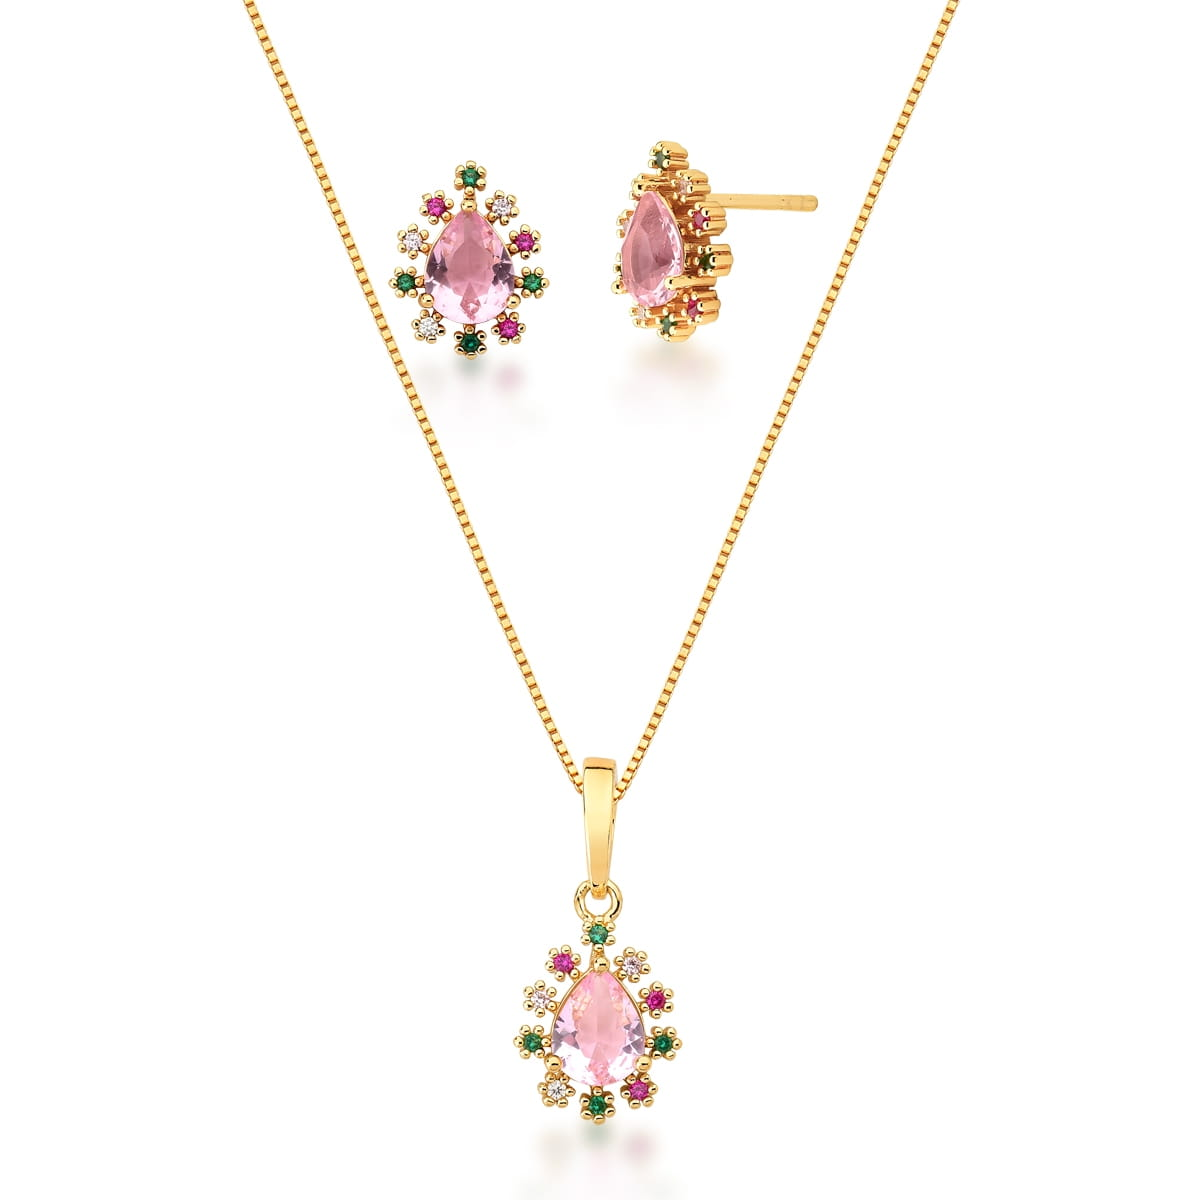 Conjunto de gota cristal rosa e zircônias coloridas